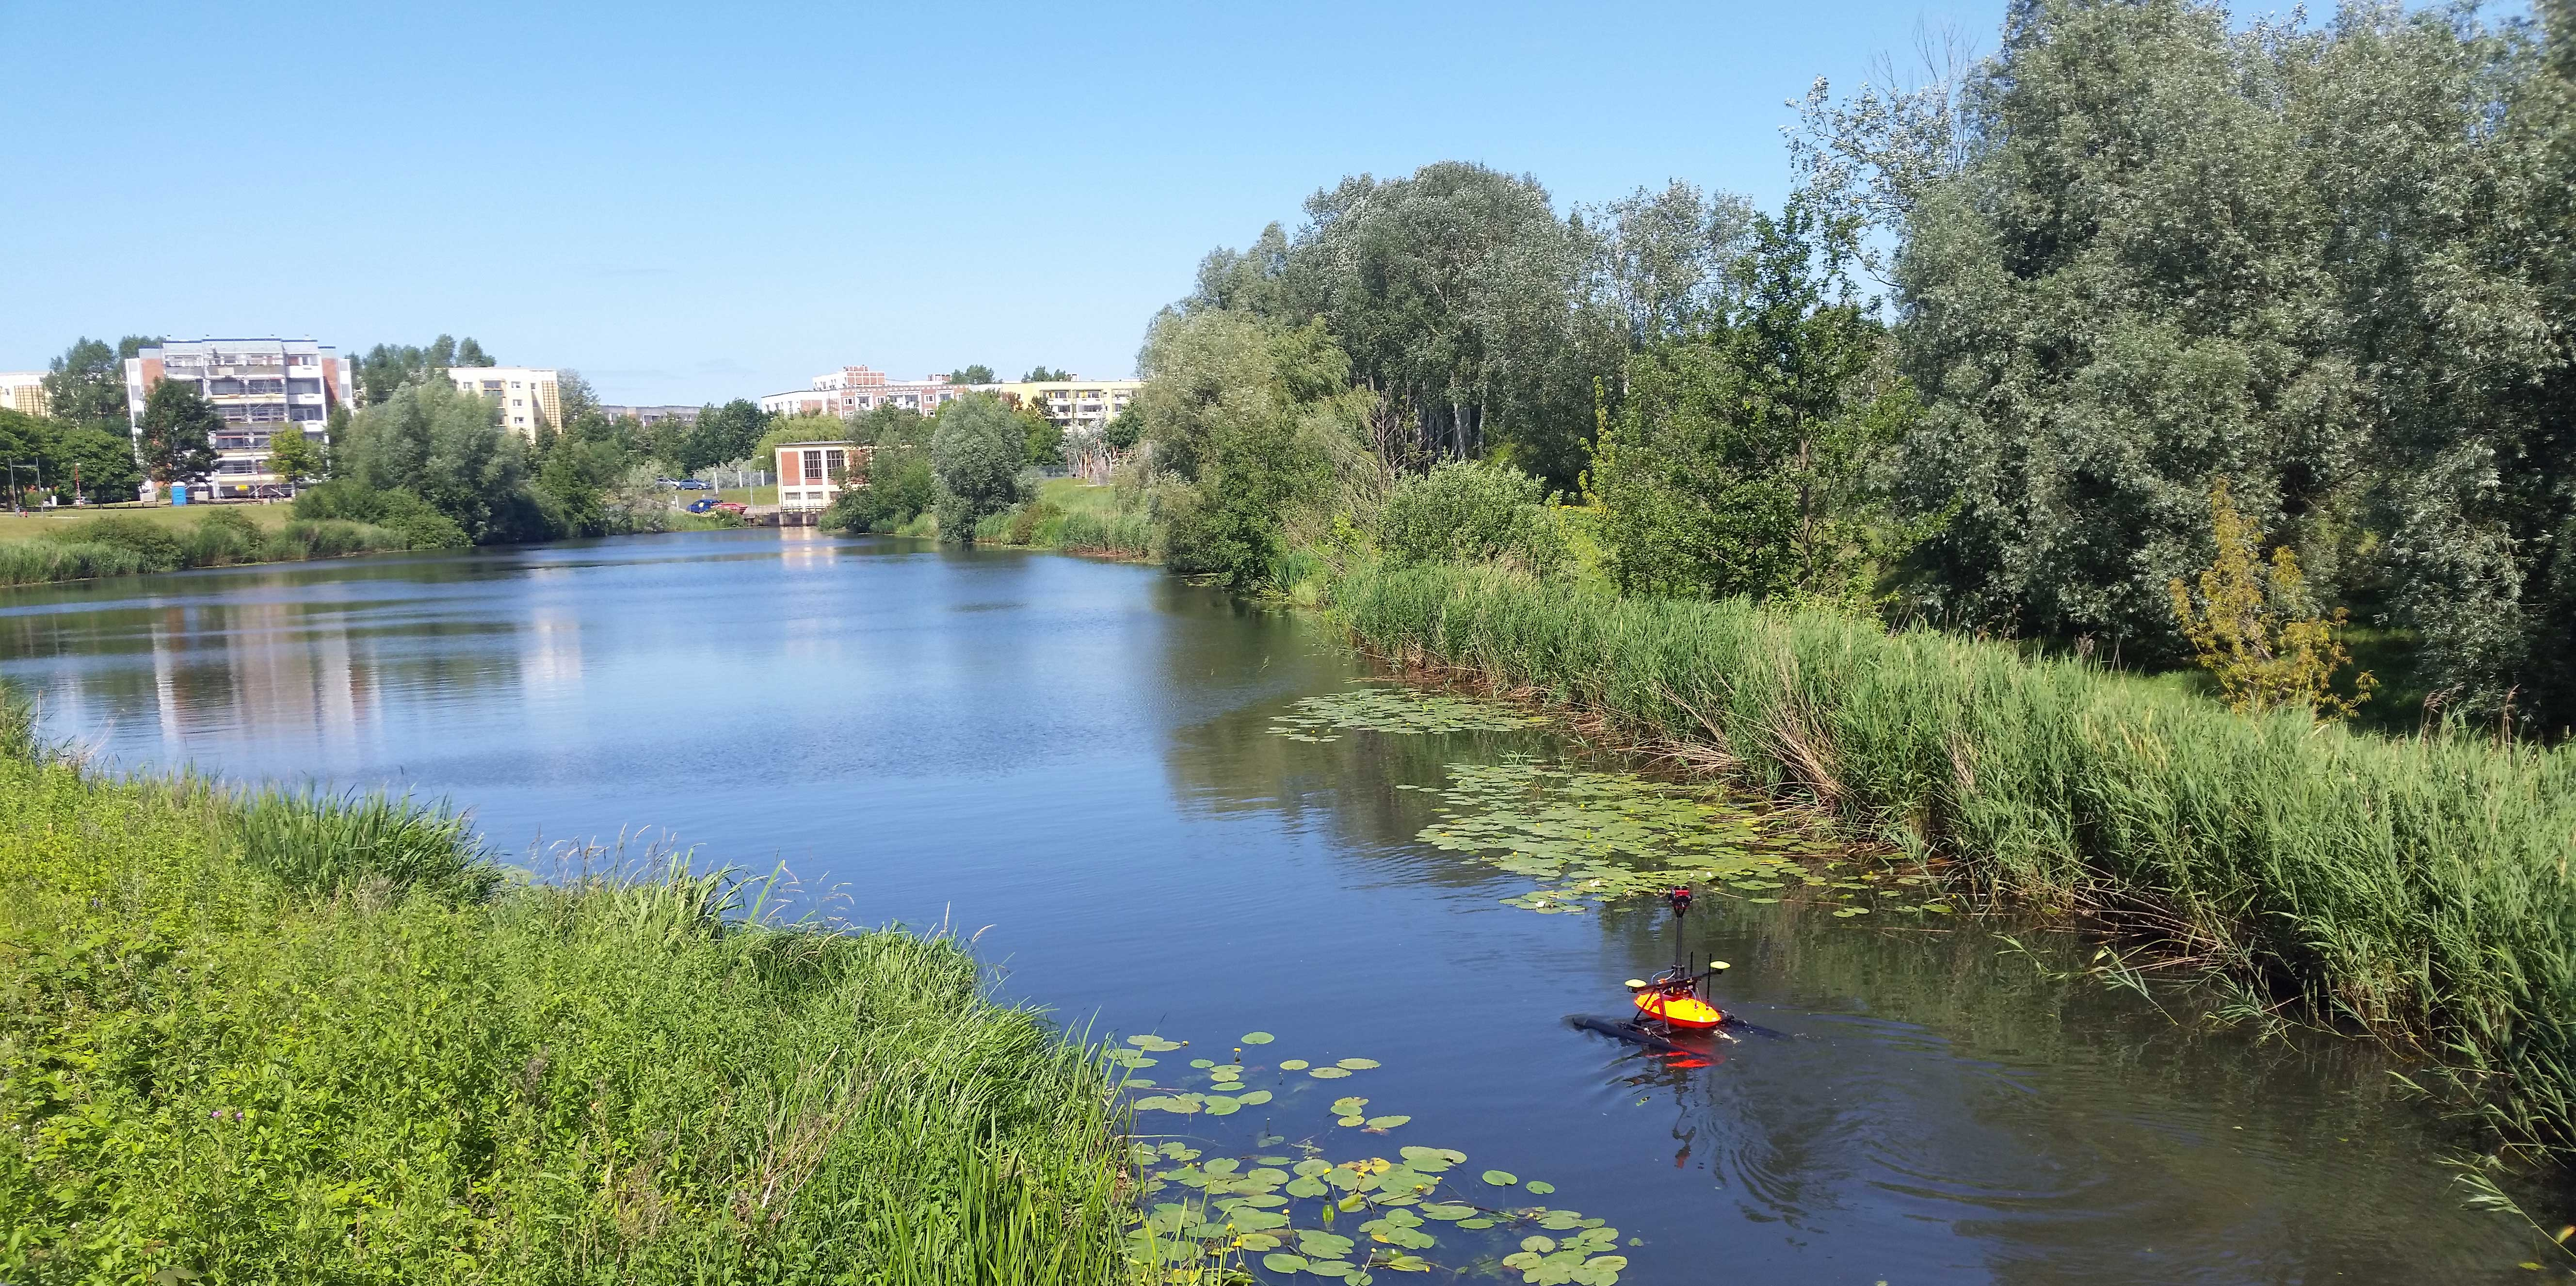 Das RiverBoat in Aktion auf der Unterwarnow bei Rostock